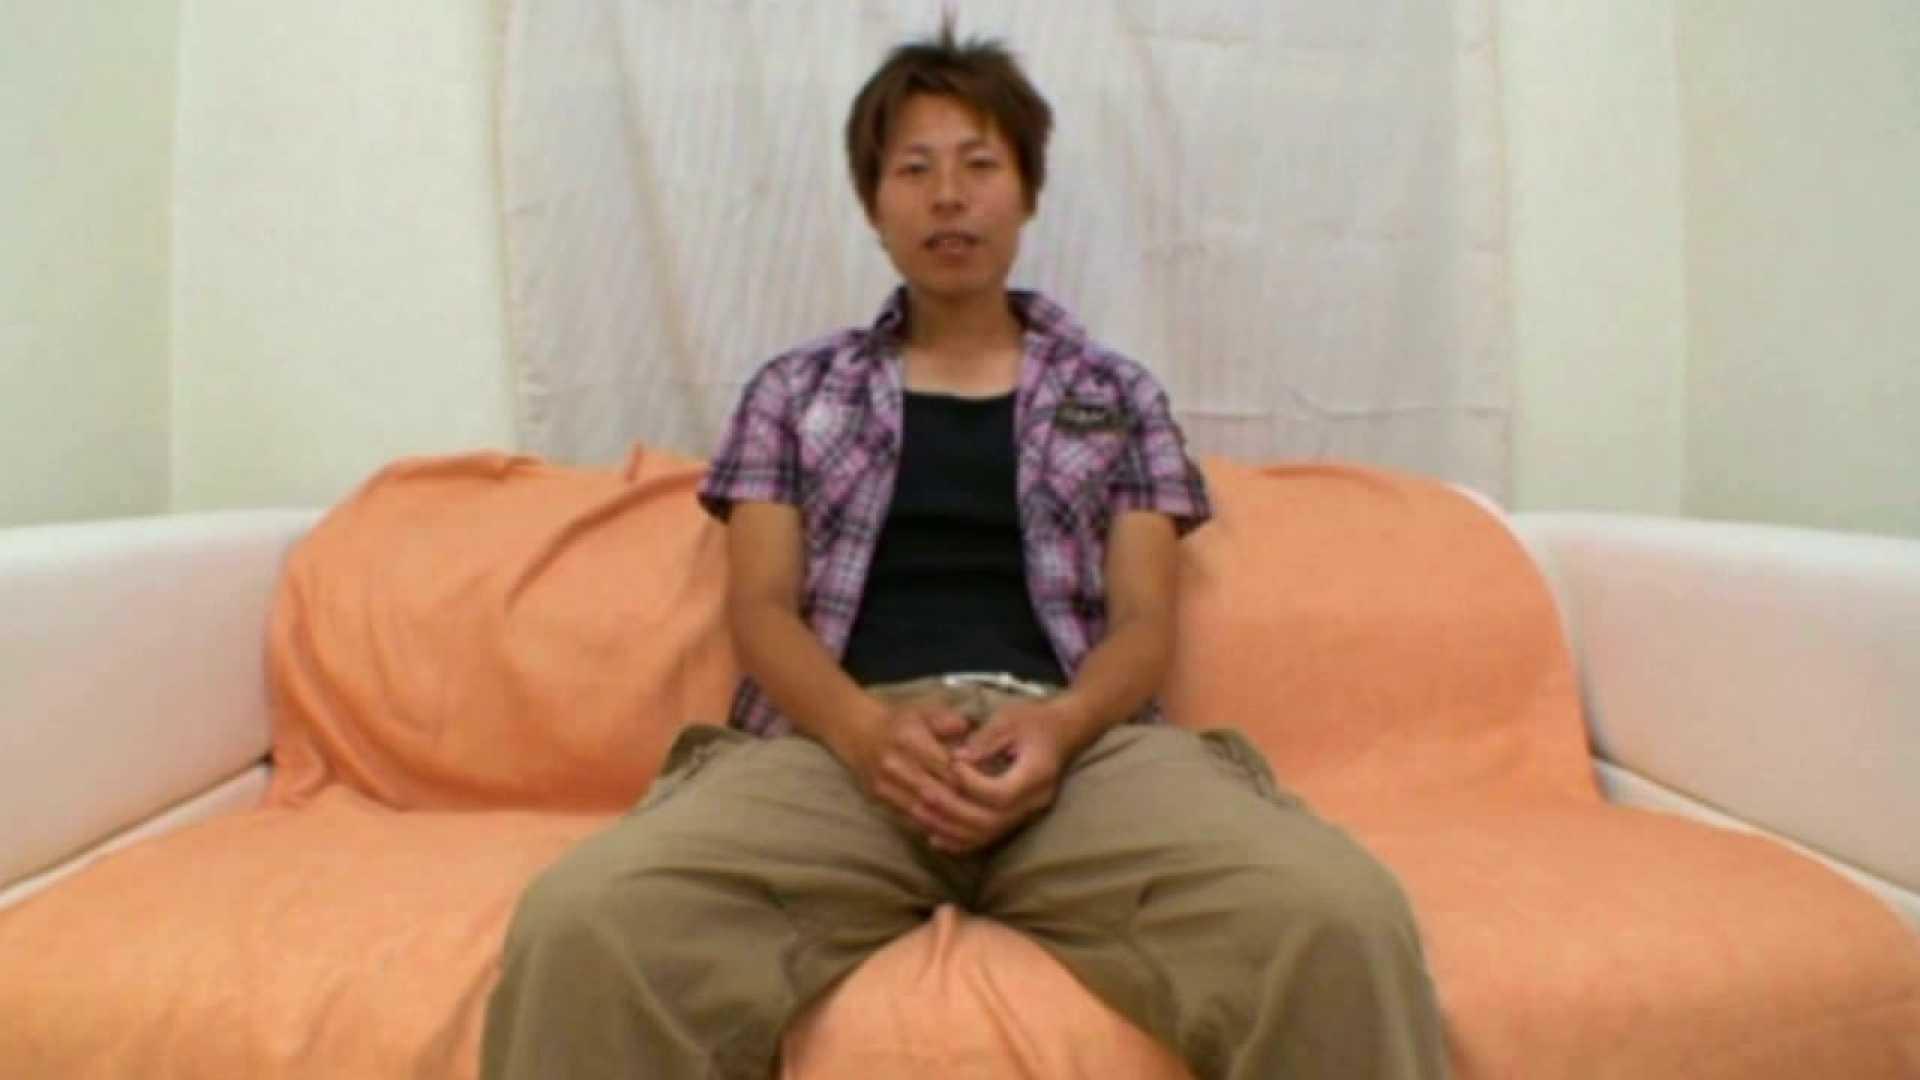 ノンケ!自慰スタジオ No.10 自慰シーン エロビデオ紹介 103枚 57